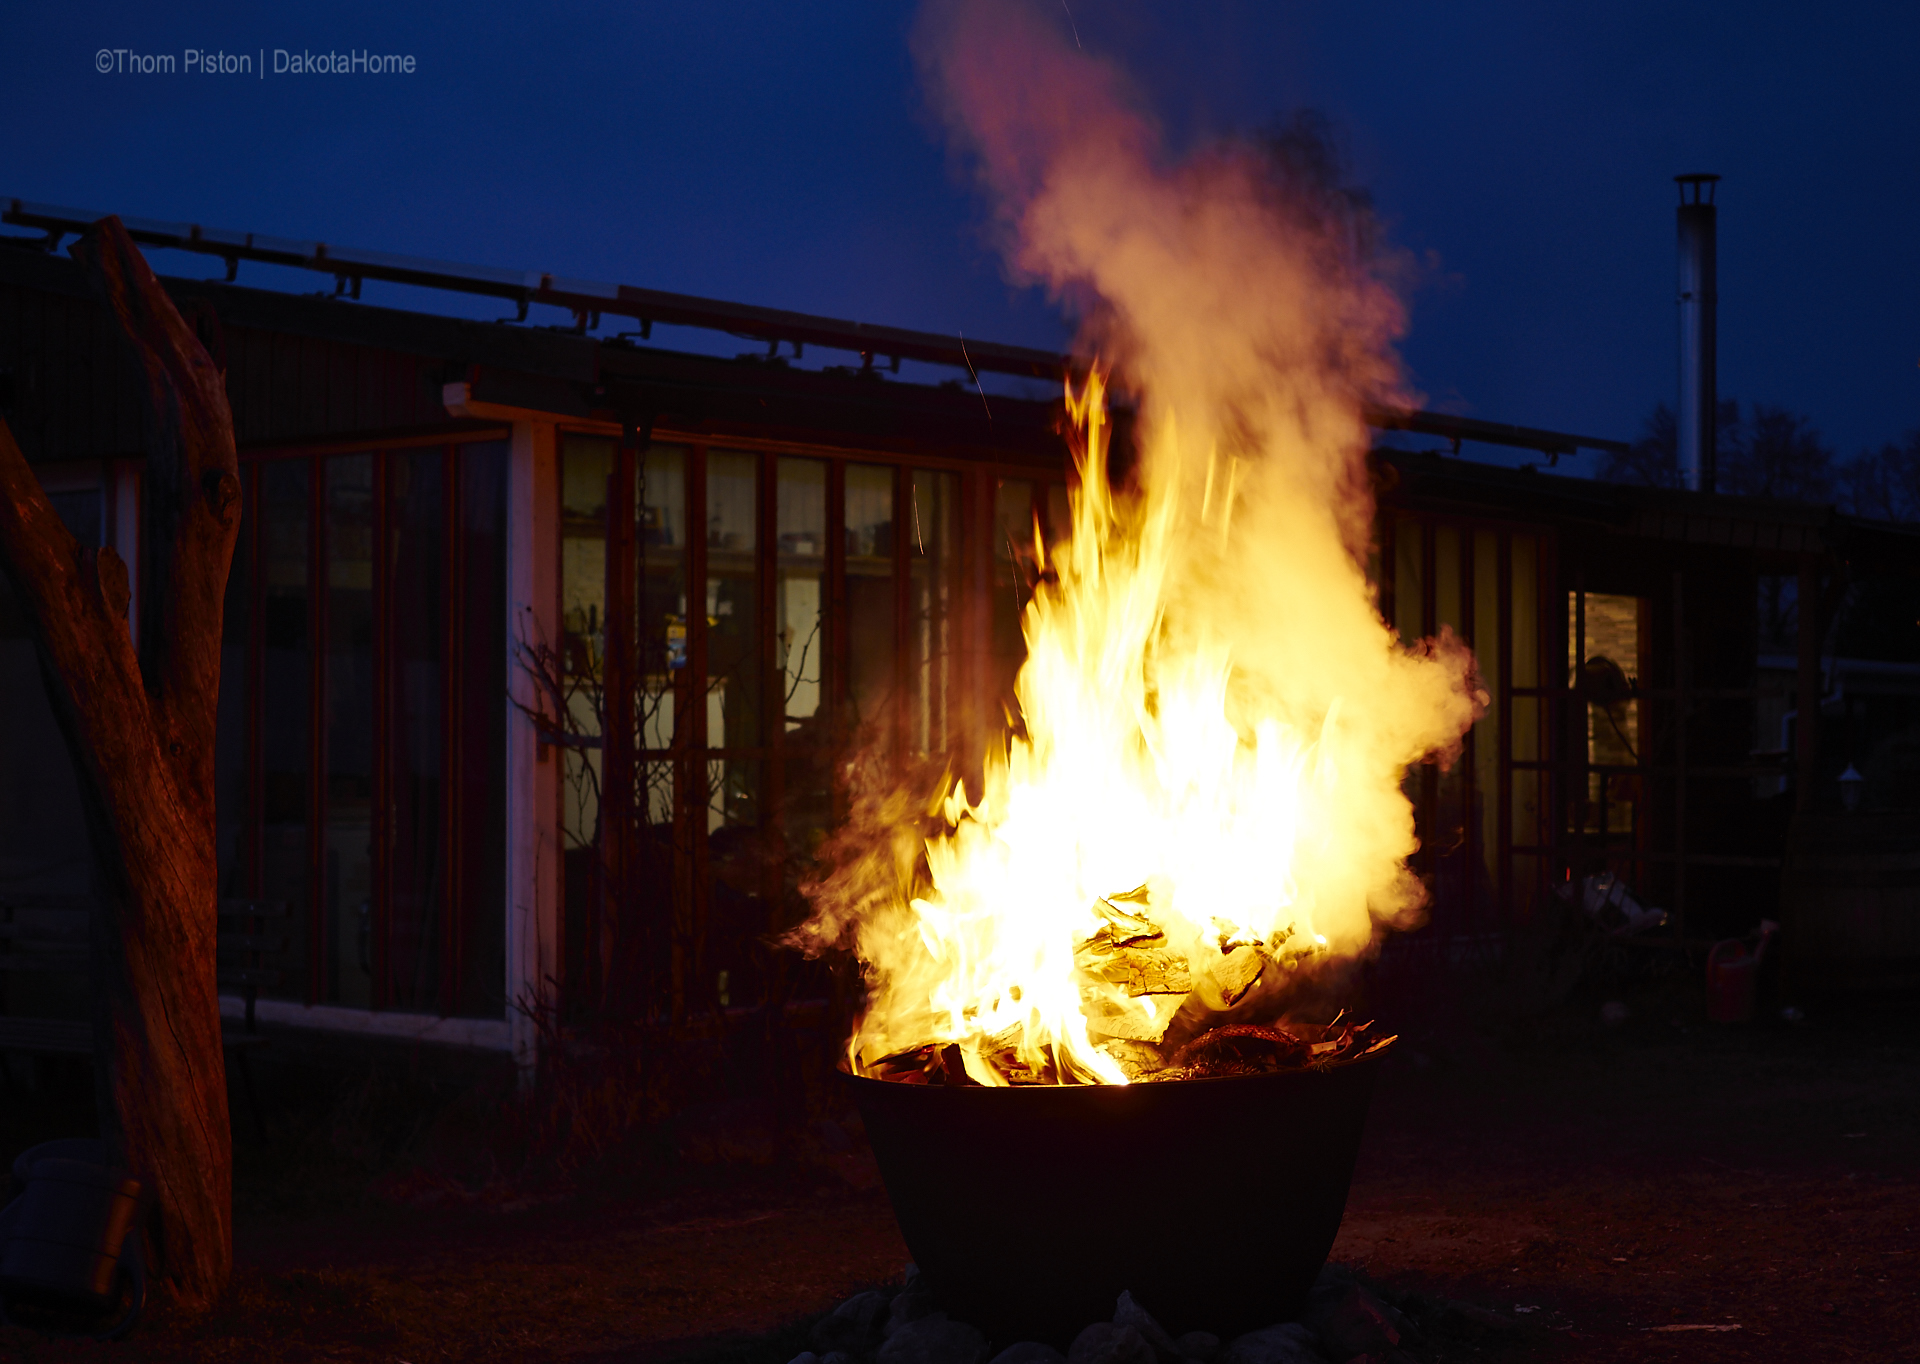 Feuertonne at dakota Home